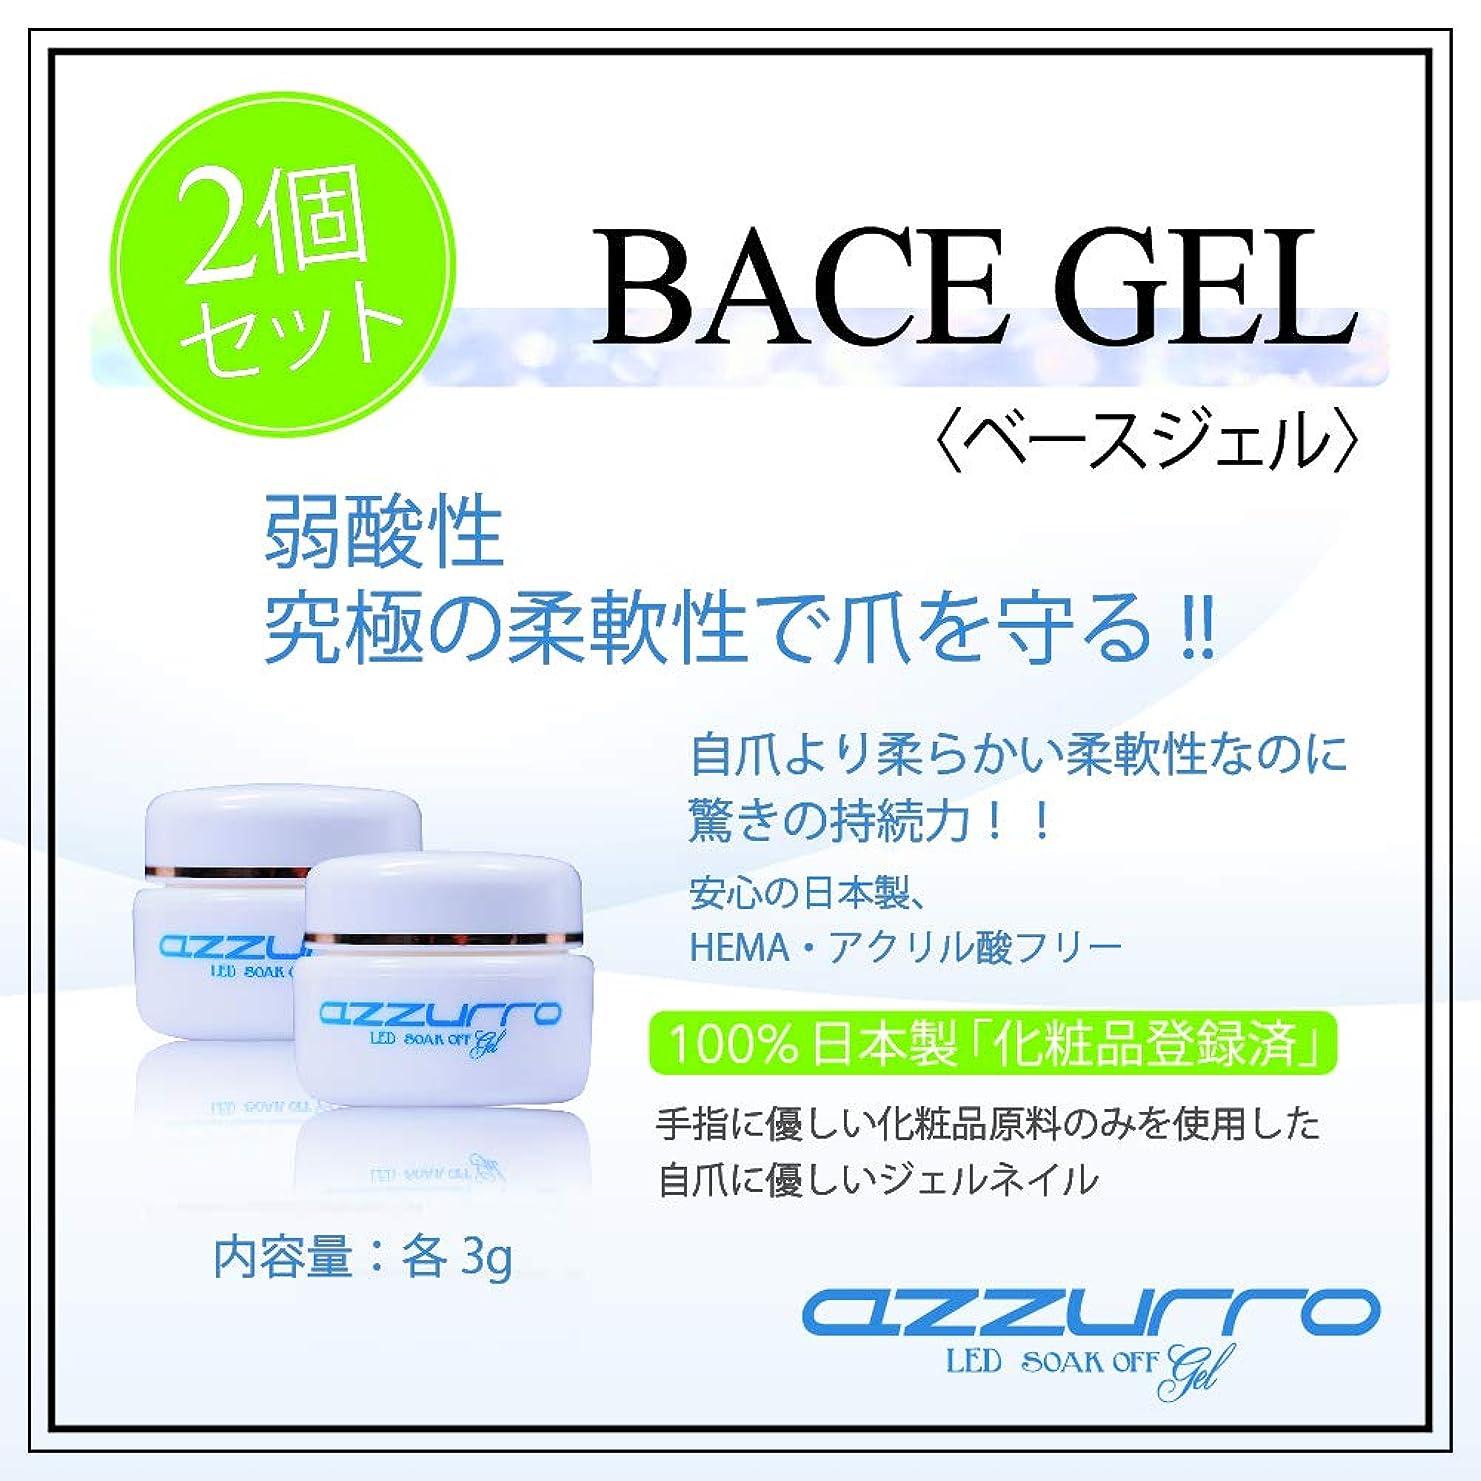 ローブ飢えた媒染剤azzurro gel アッズーロベースジェル お得な2個セット 爪に優しい 日本製 驚きの密着力 リムーバーでオフも簡単3g